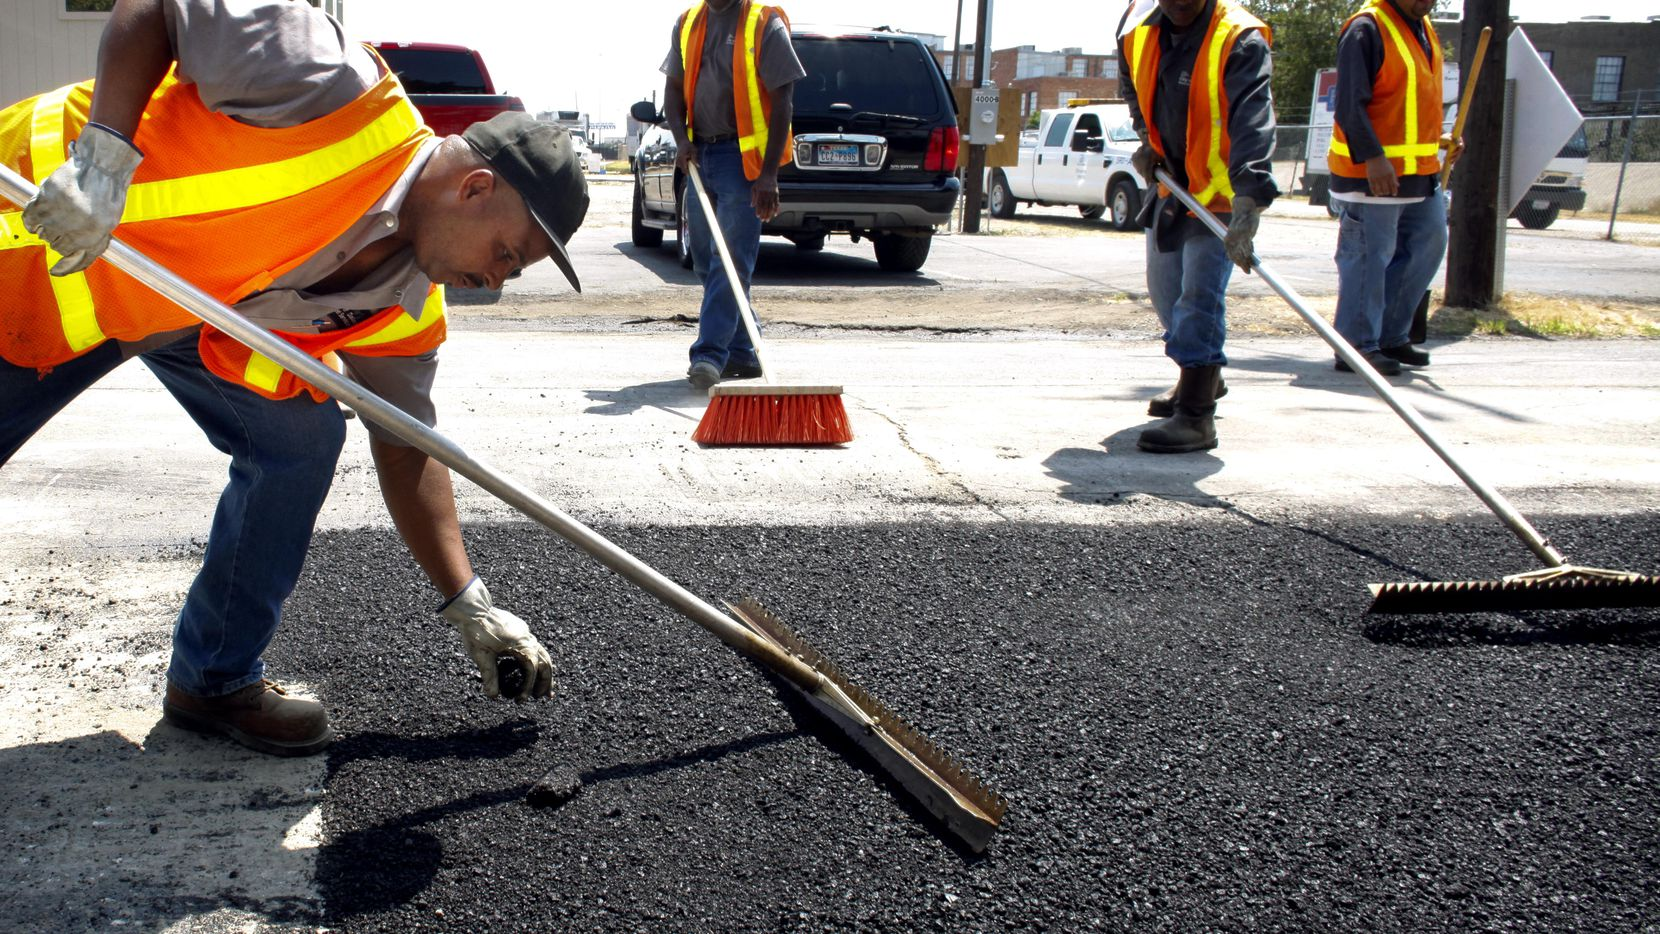 La repavimentación de las calles de Dallas empieza a ser evidente a lo largo de la ciudad, ahora que ya hay dinero.